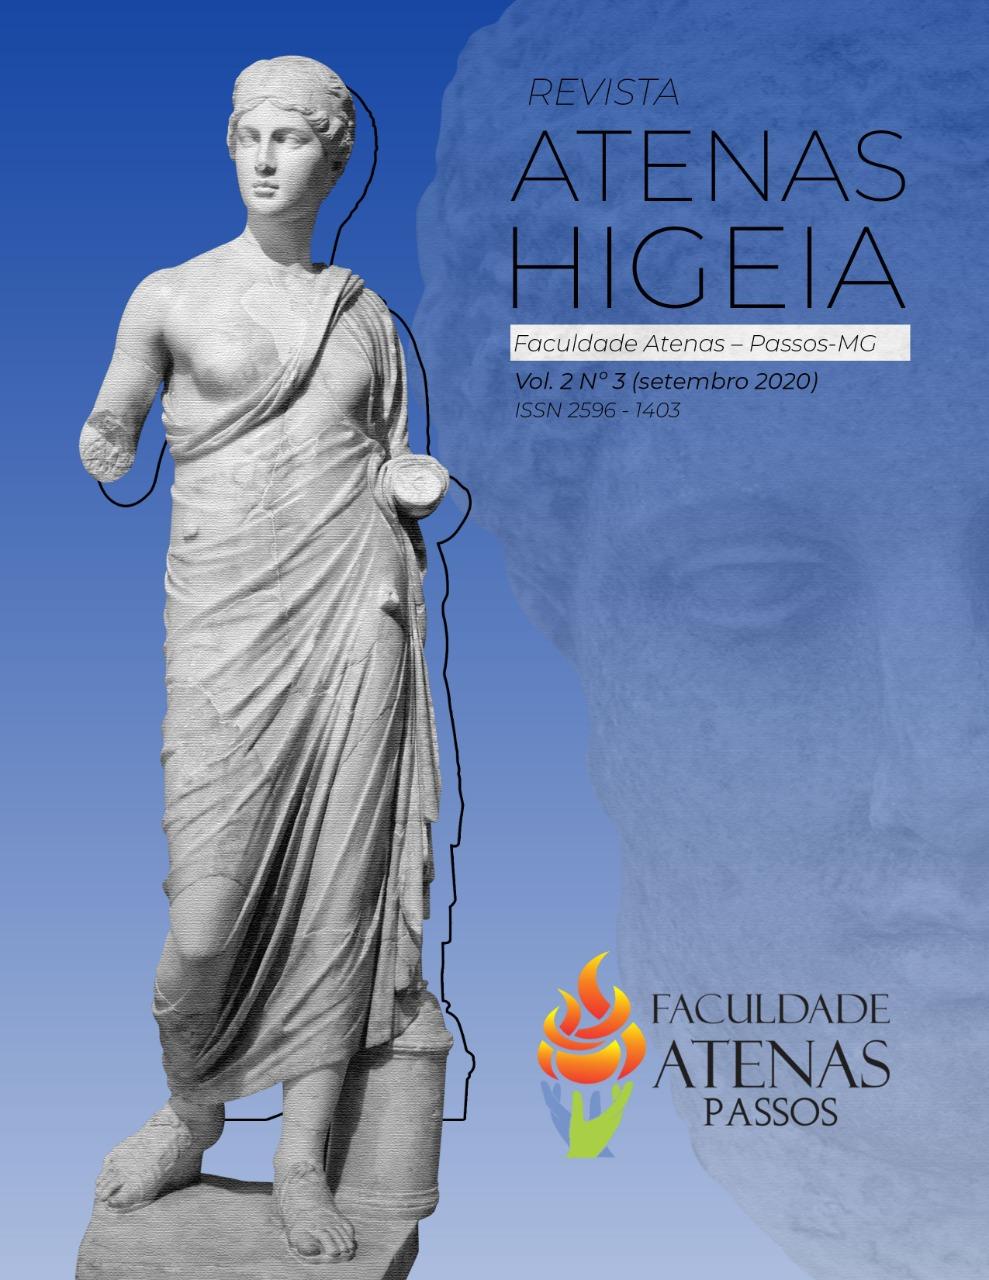 Visualizar v. 2 n. 3 (2020): Revista Atenas Higeia